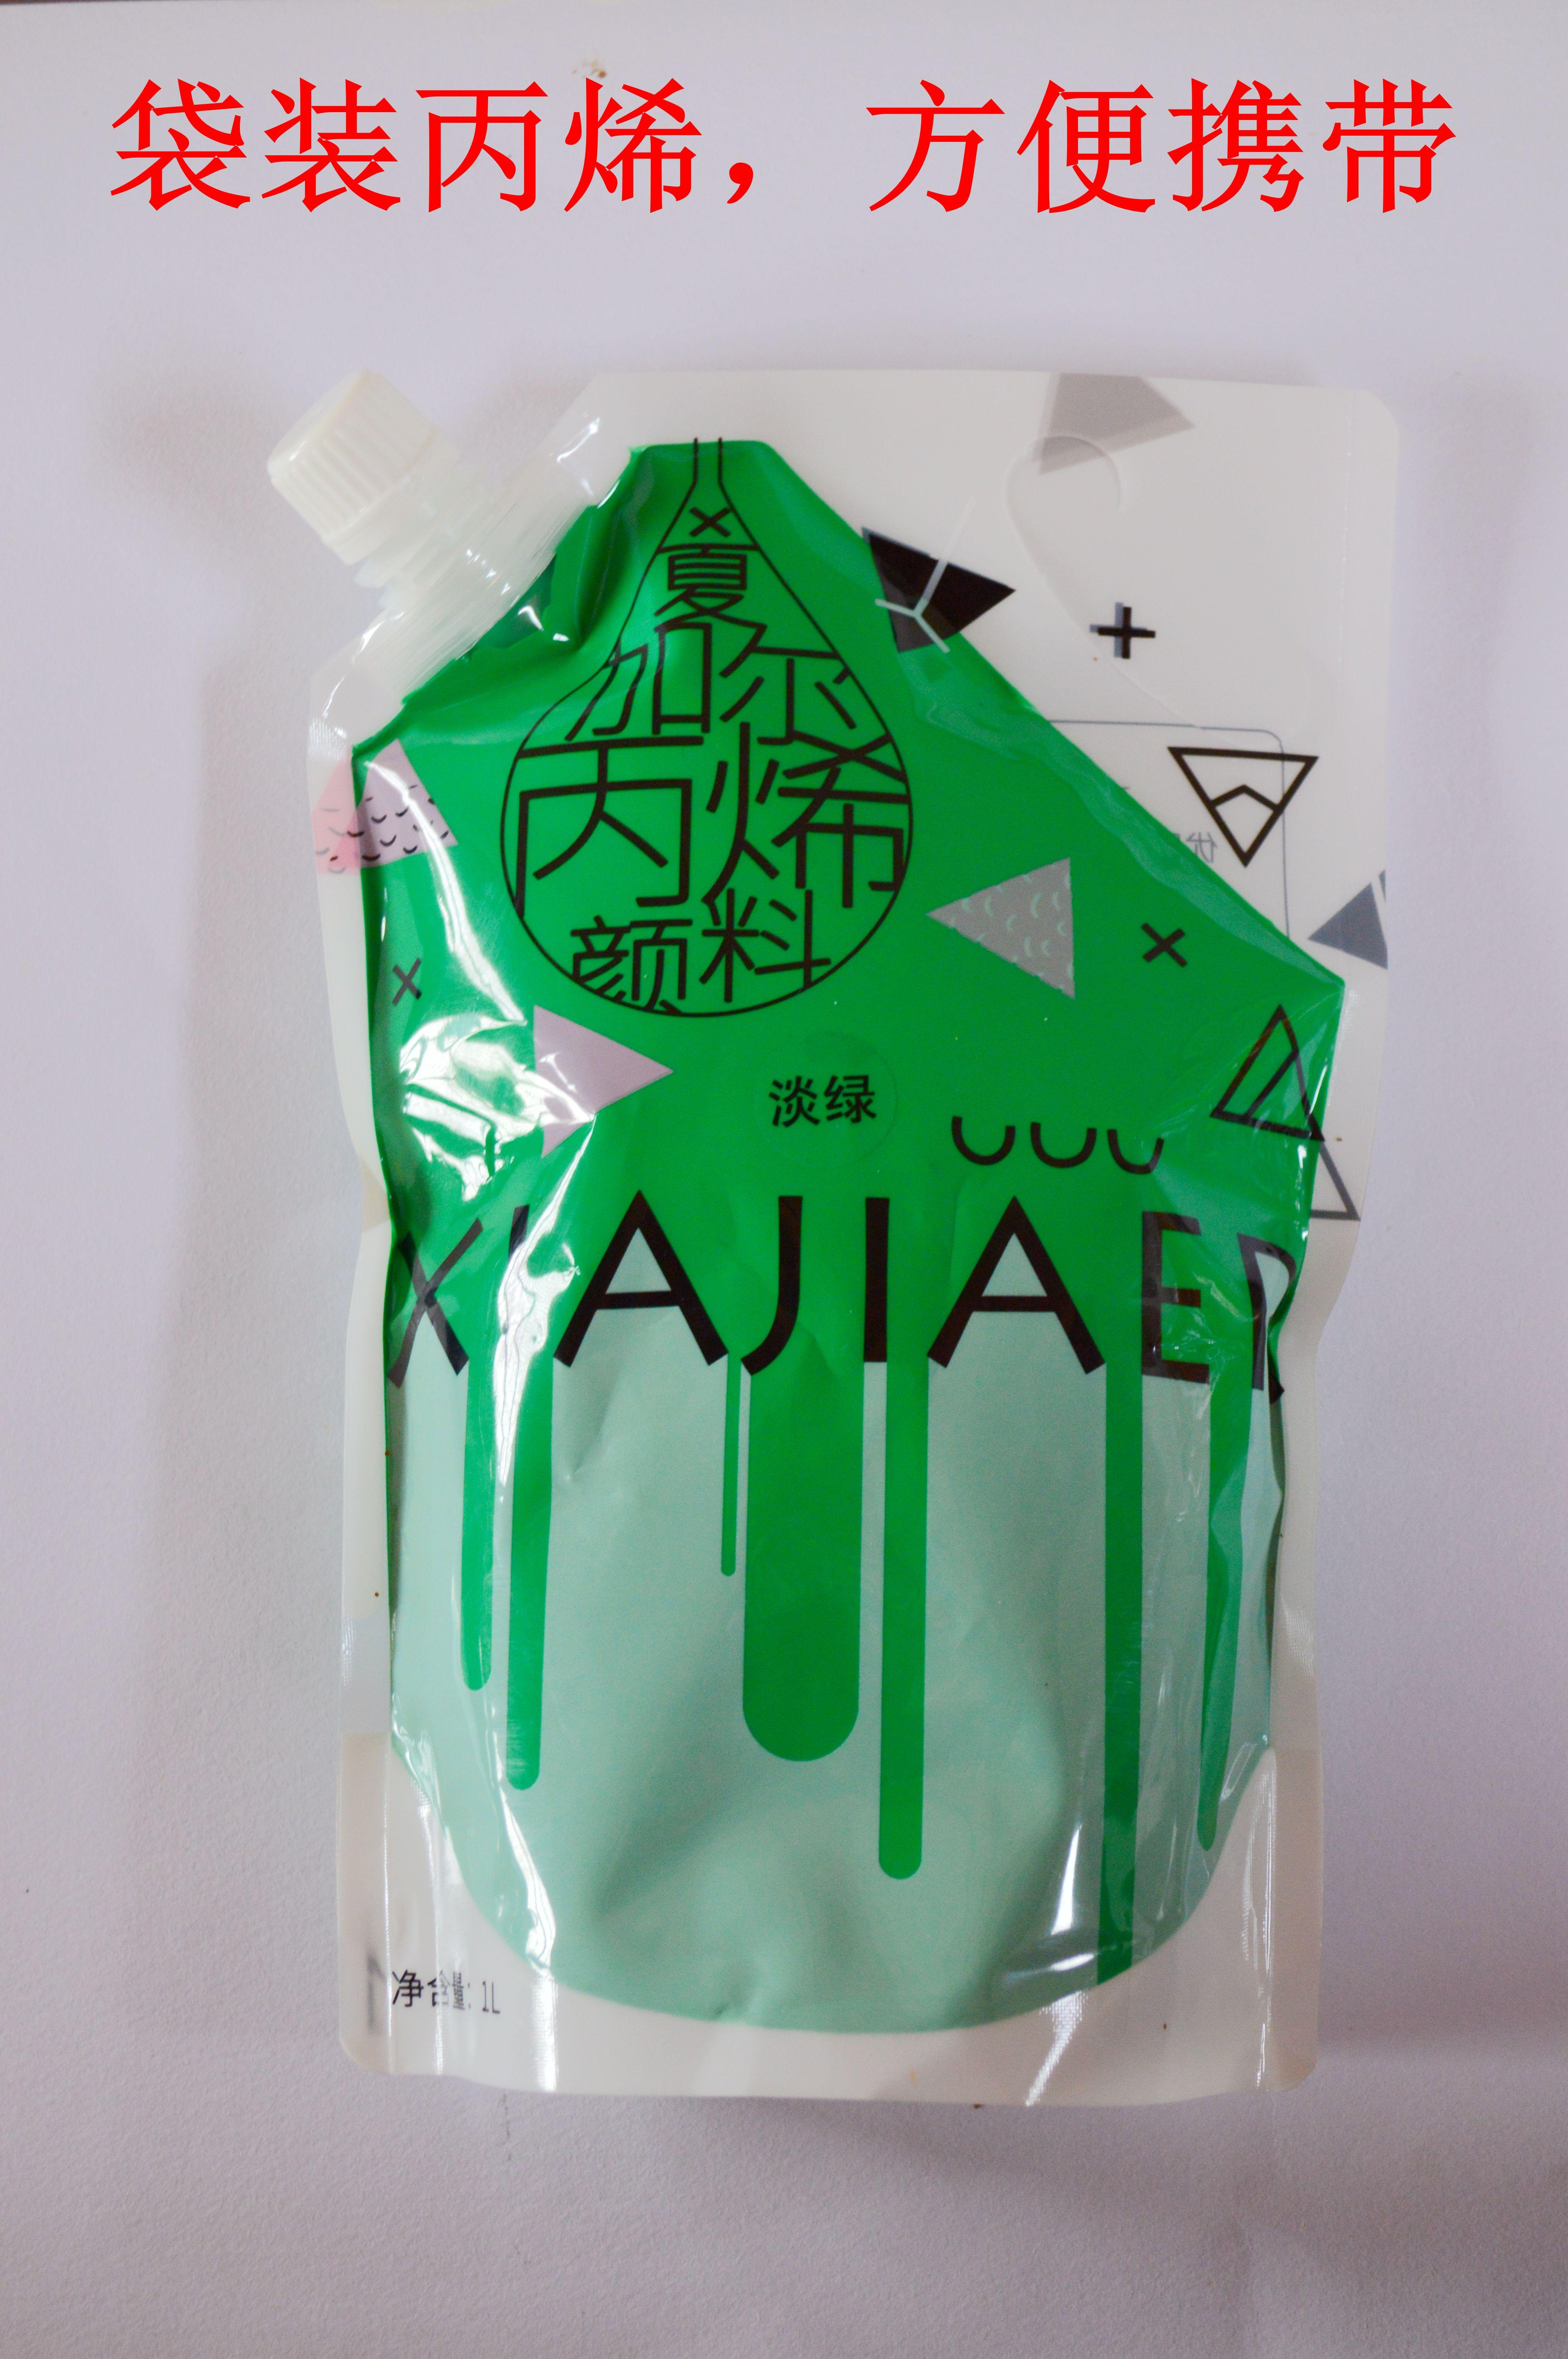 夏加尔5kg/10kg大桶装丙烯颜料墙绘彩绘手绘diy室内丙烯画涂料